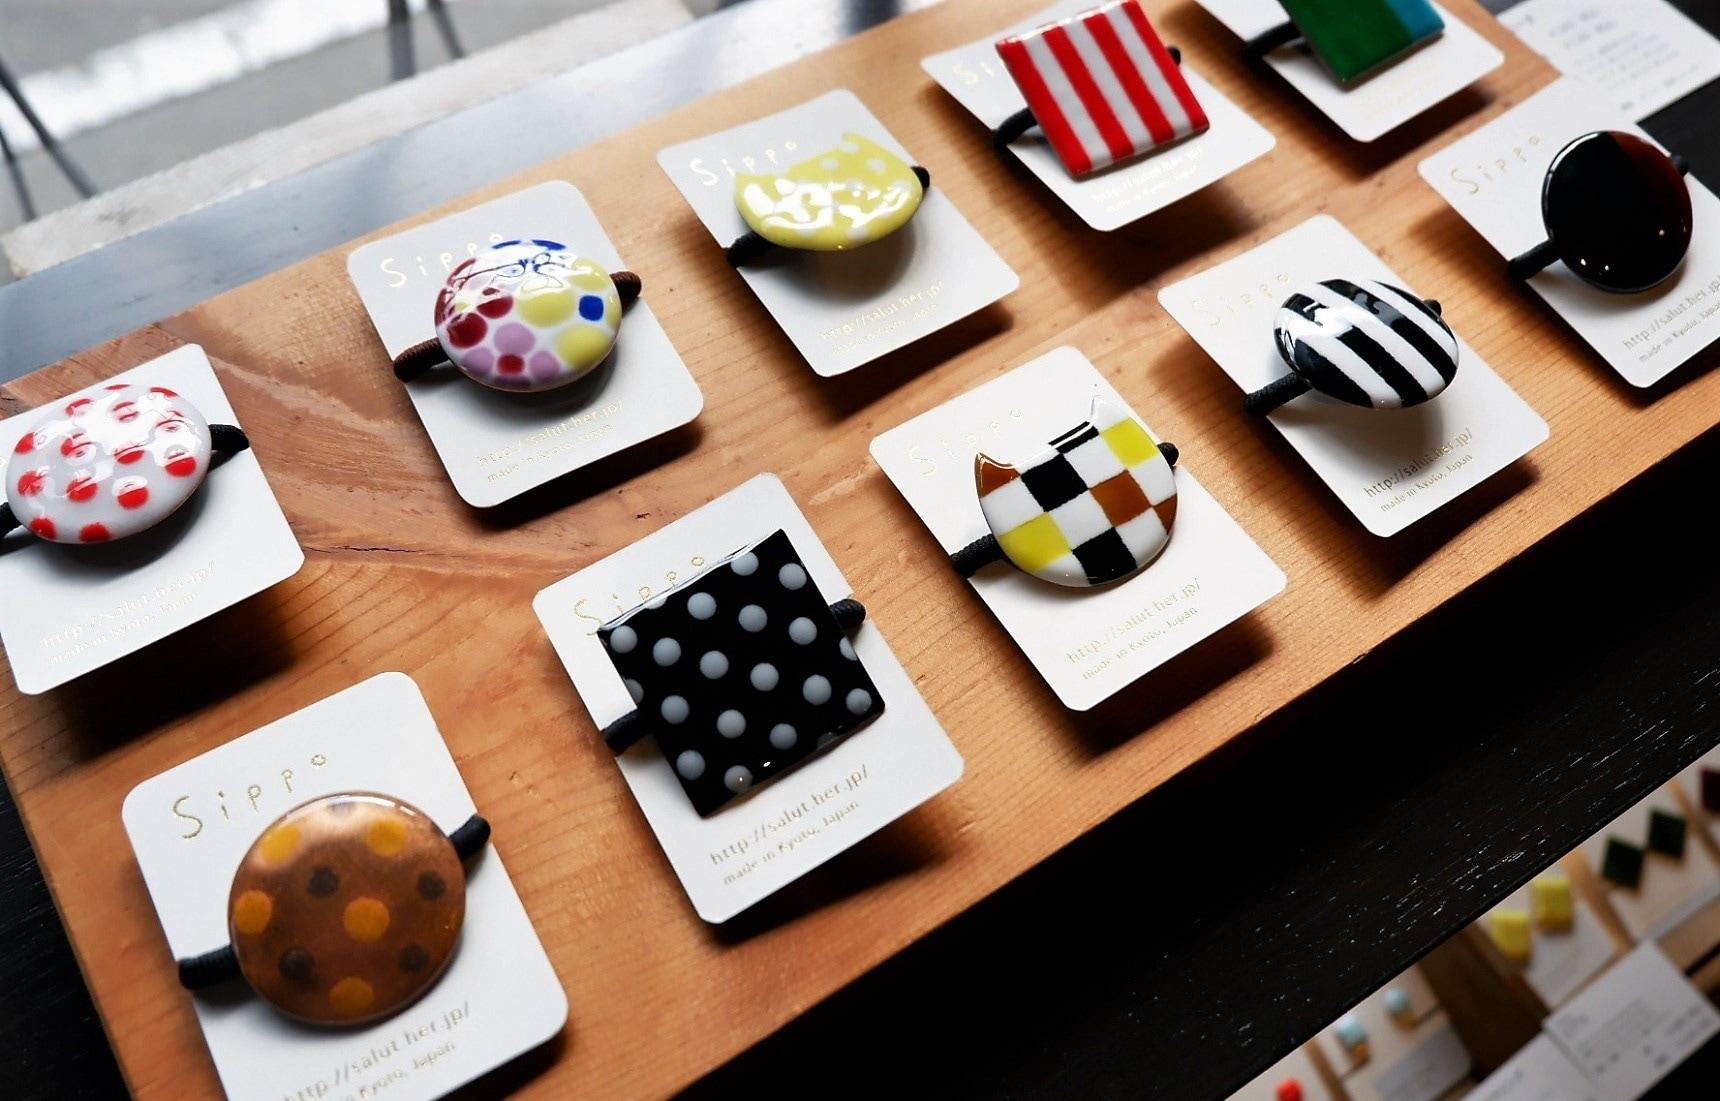 【京都自由行】不會日語也能體驗傳統京都工藝|上京區和風手作小店Salut